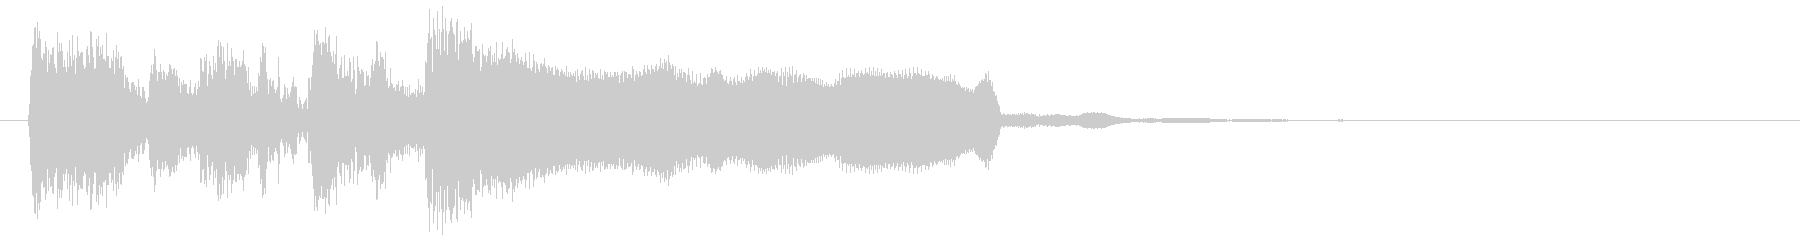 レベルアップジングル、リコーダー&ブラスの未再生の波形